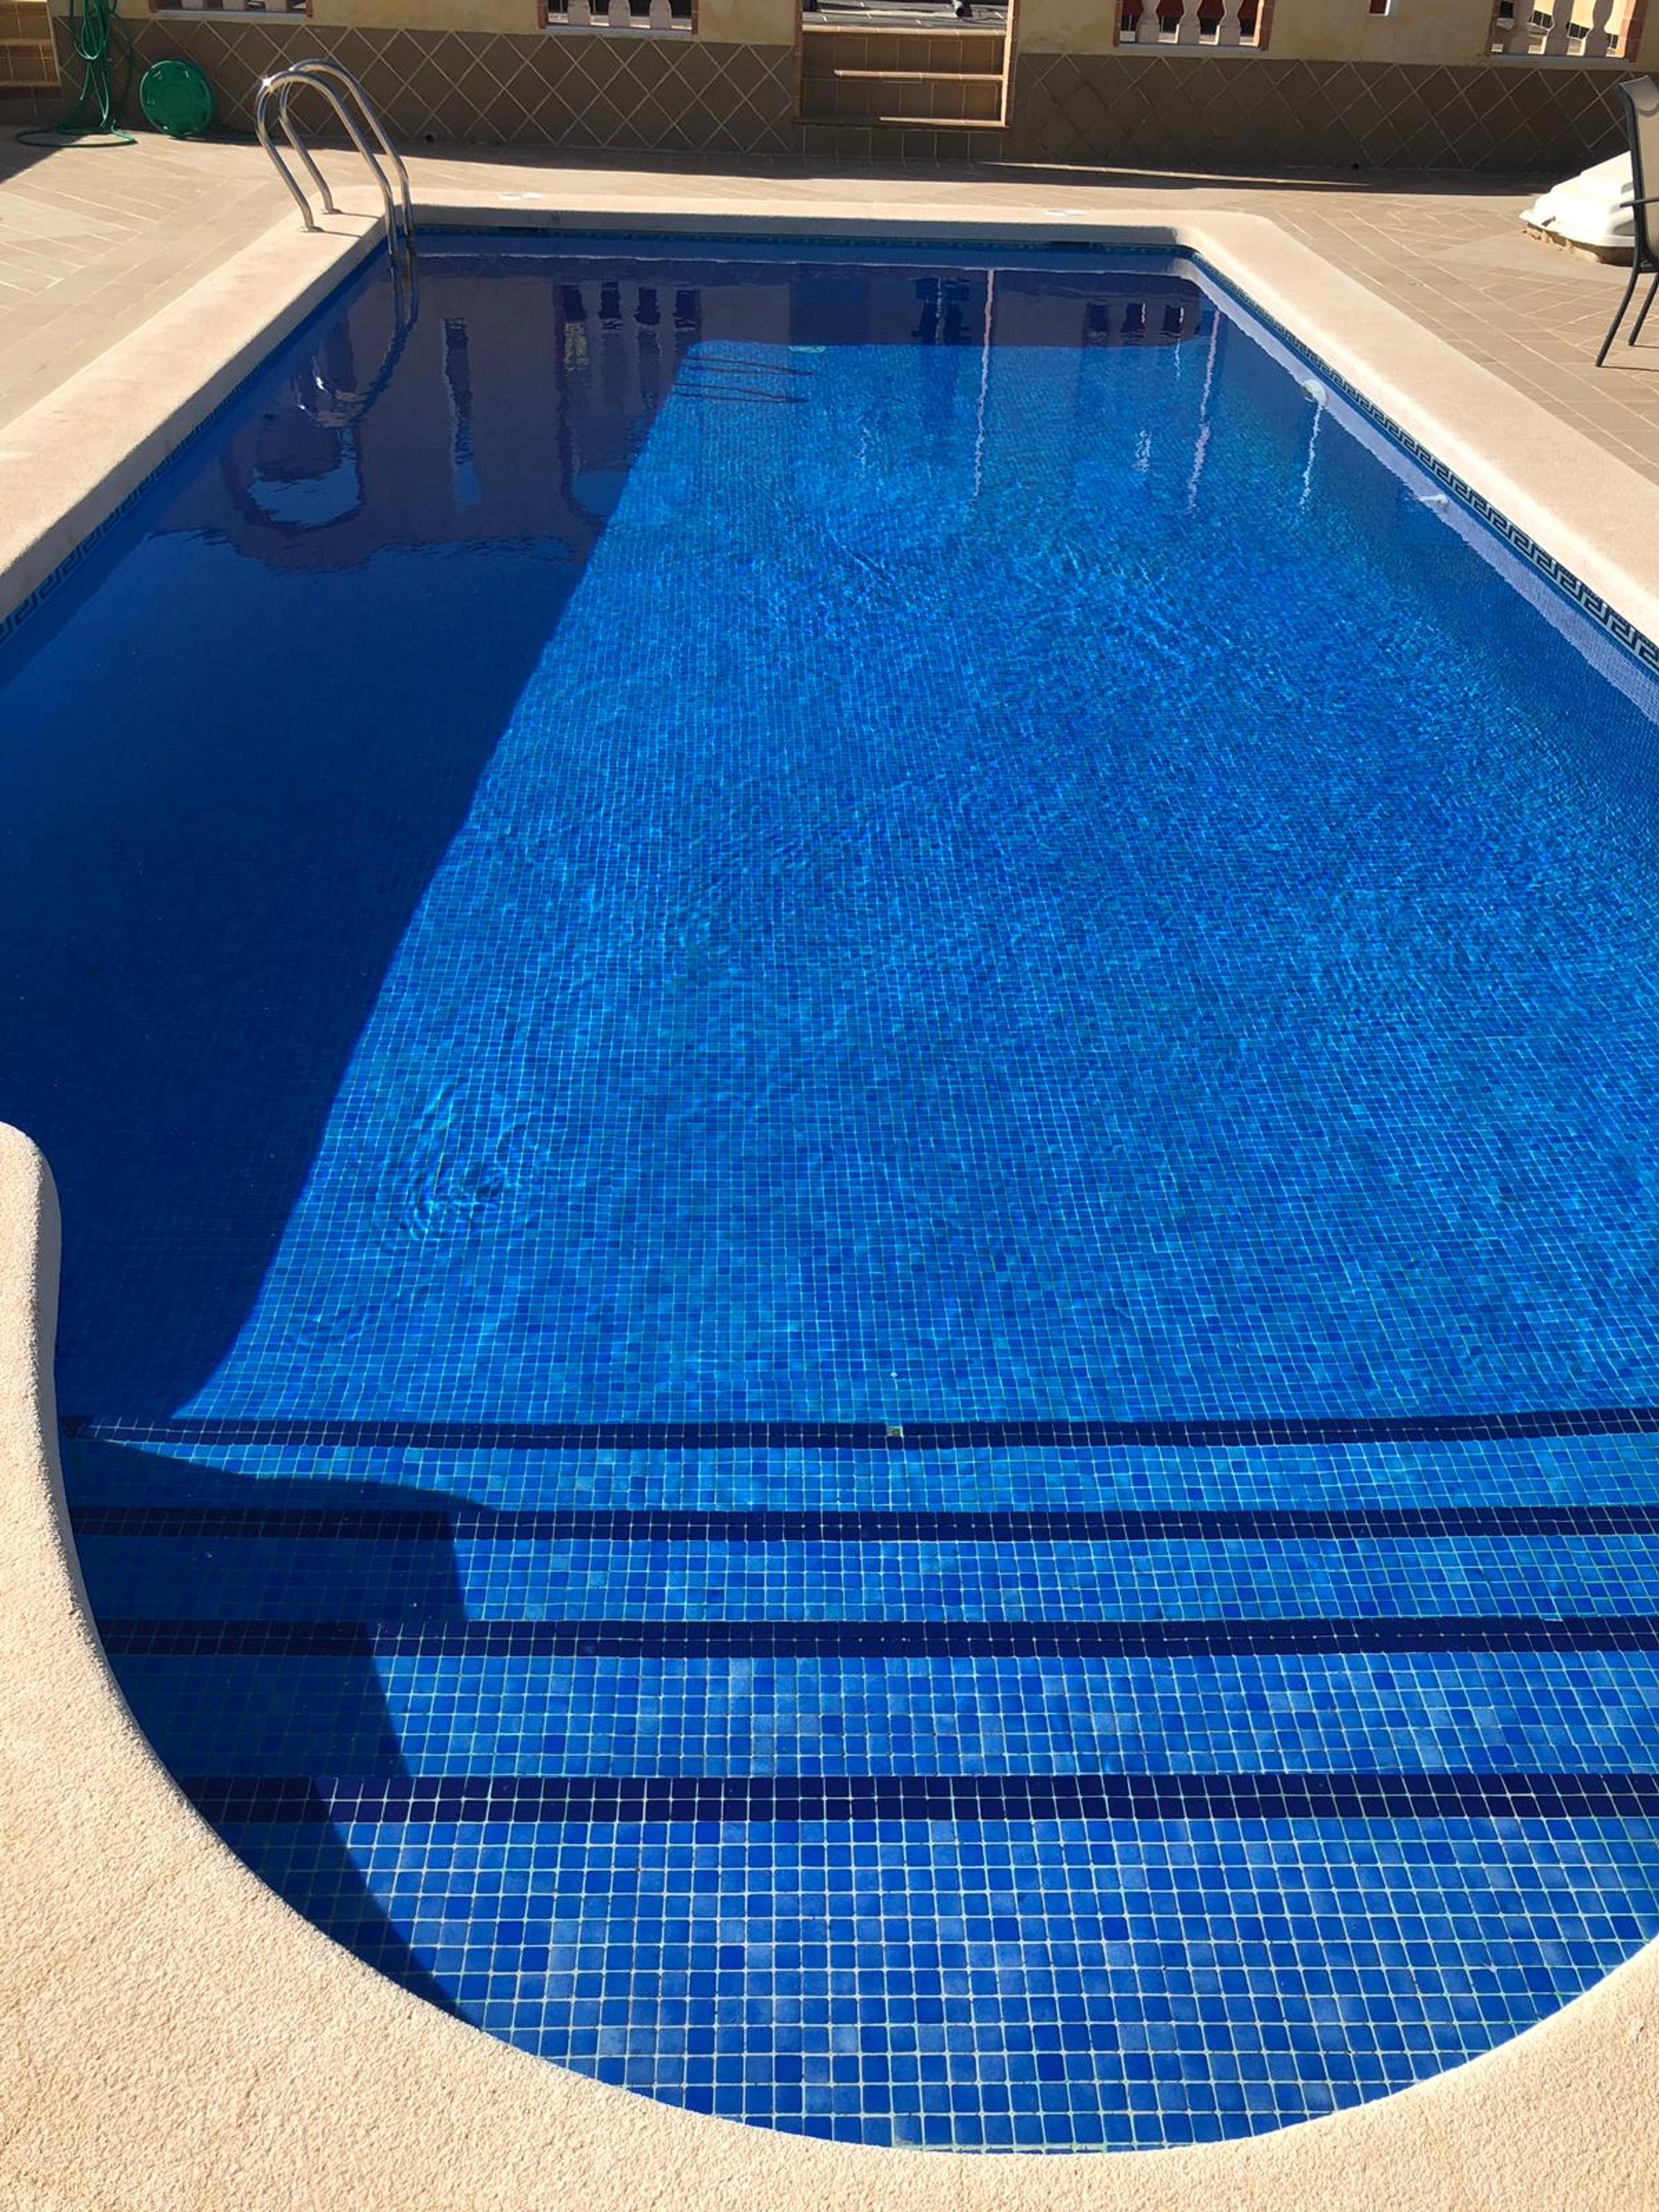 Appartement de vacances Wohnung mit 2 Schlafzimmern in Mazarrón mit toller Aussicht auf die Berge, privatem Pool,  (2632538), Mazarron, Costa Calida, Murcie, Espagne, image 24